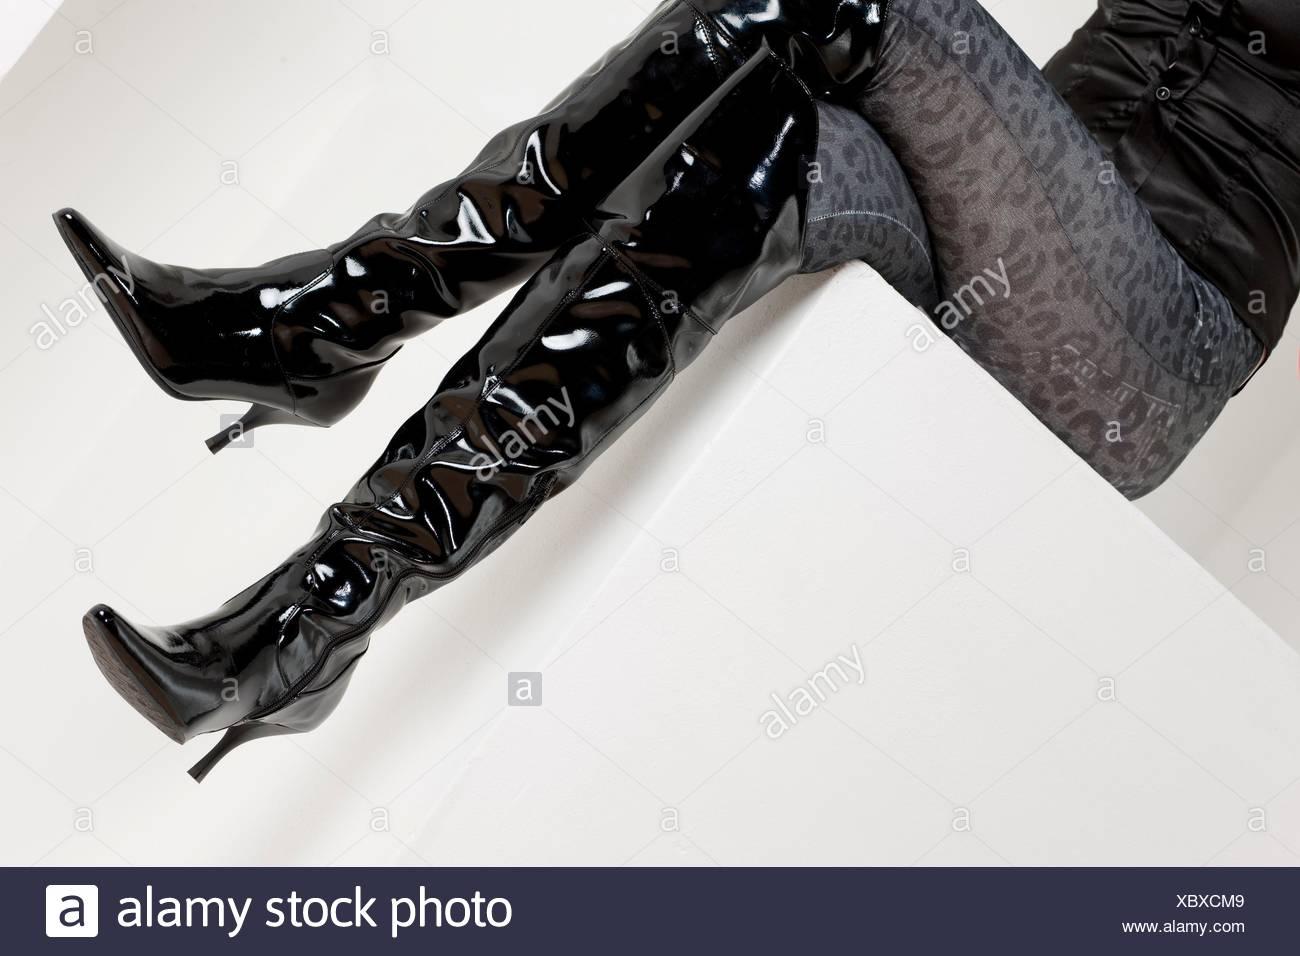 02c6146e44 Details der Sitzung Frau das Tragen modischer Stiefel Stockfoto ...